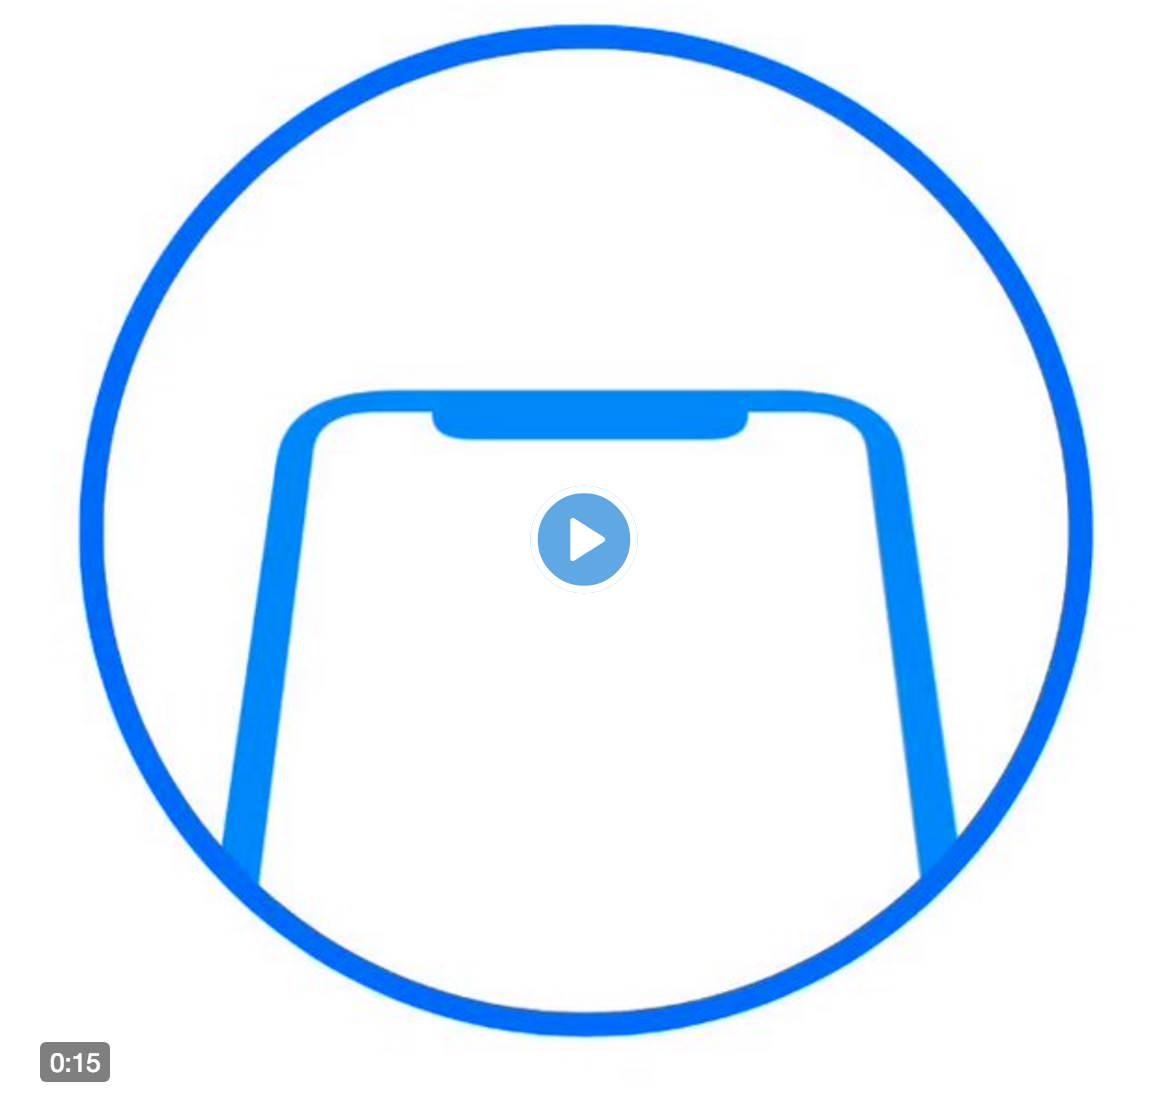 【iPhone 8】HomePadのファームウェアから「iPhone 8」と思しきアニメーションが見つかる